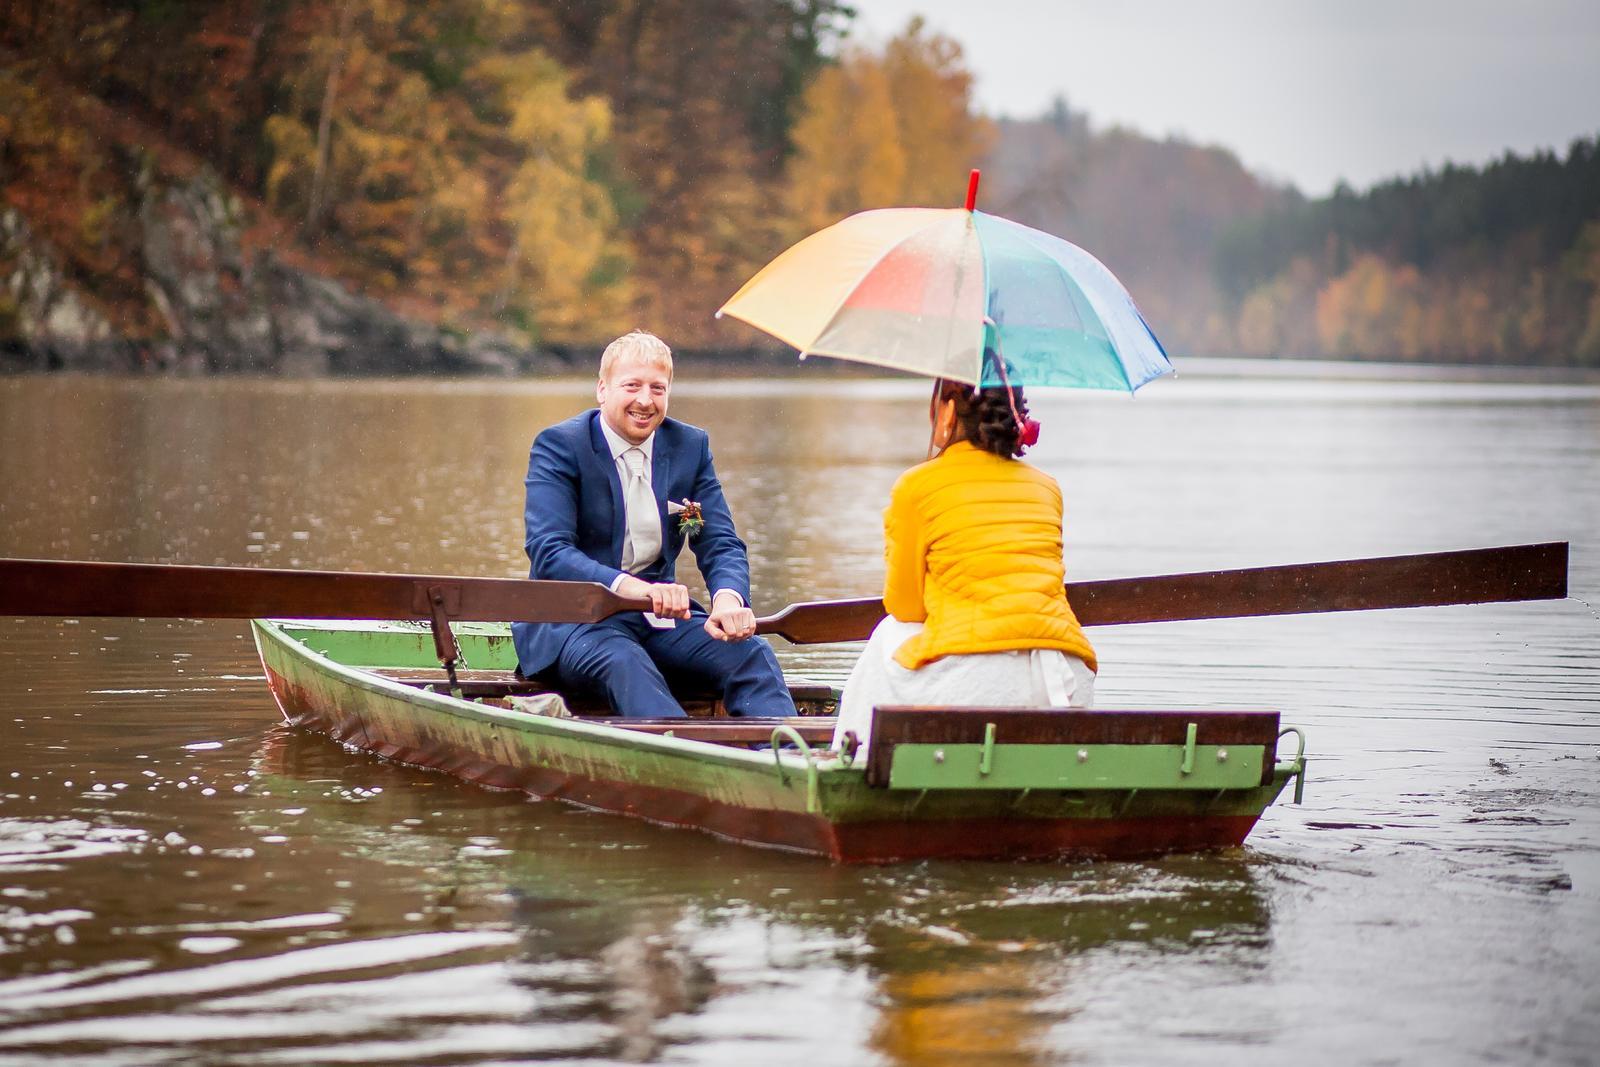 Andrea{{_AND_}}Vlastimil - Na lodičku už se mi nechtělo, byla jsem ke konci focení zmrzlá, měla promočené boty. Jsem ráda, že mě přemluvil